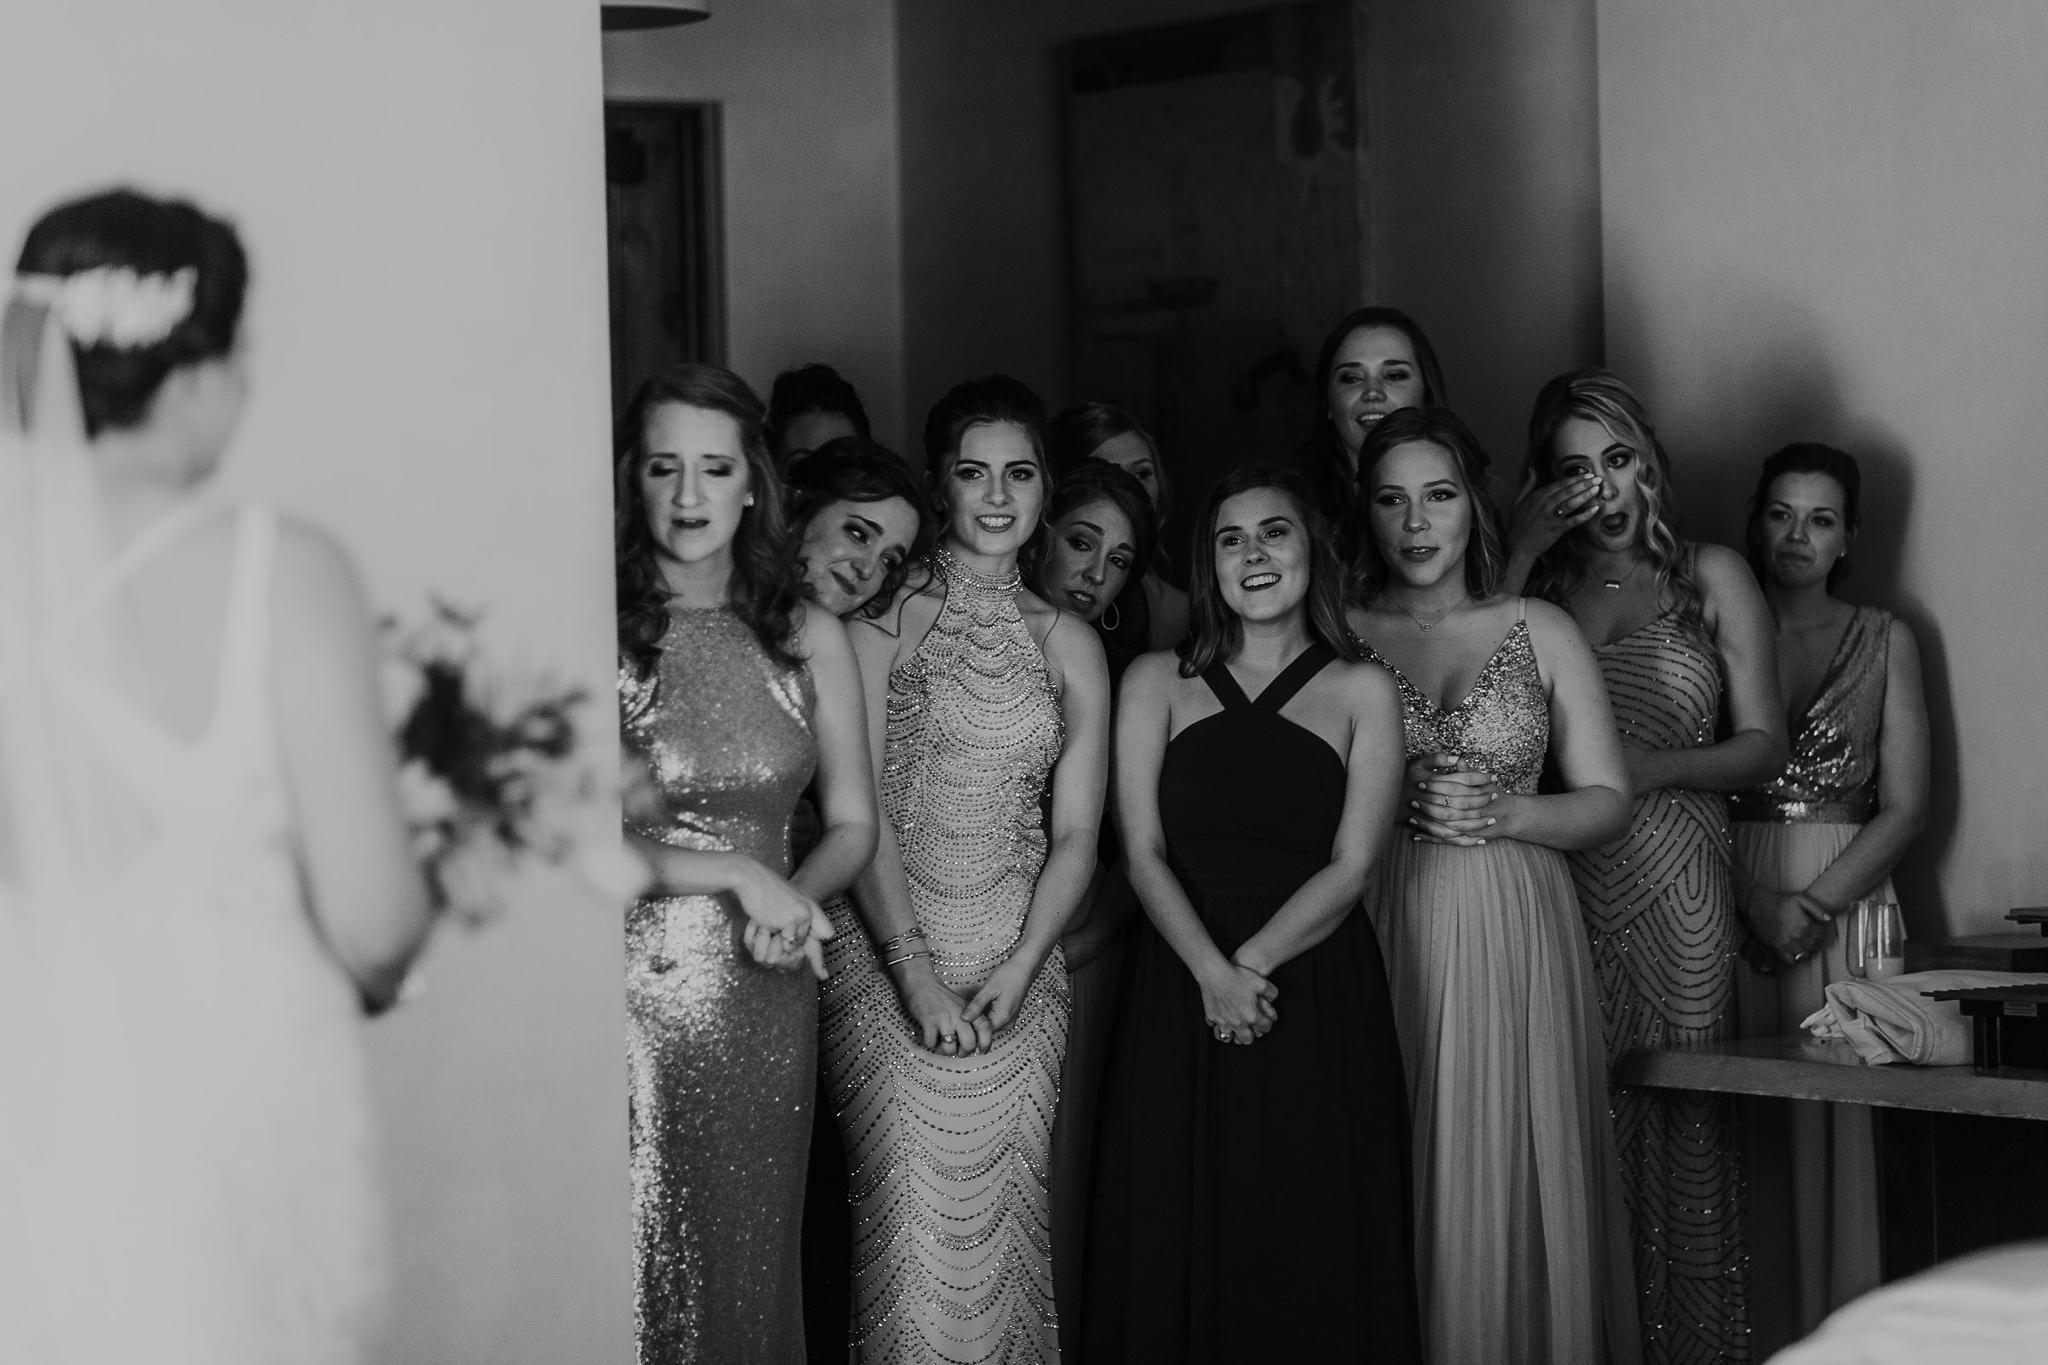 Alicia+lucia+photography+-+albuquerque+wedding+photographer+-+santa+fe+wedding+photography+-+new+mexico+wedding+photographer+-+new+mexico+wedding+-+santa+fe+wedding+-+four+seasons+wedding+-+winter+wedding_0018.jpg